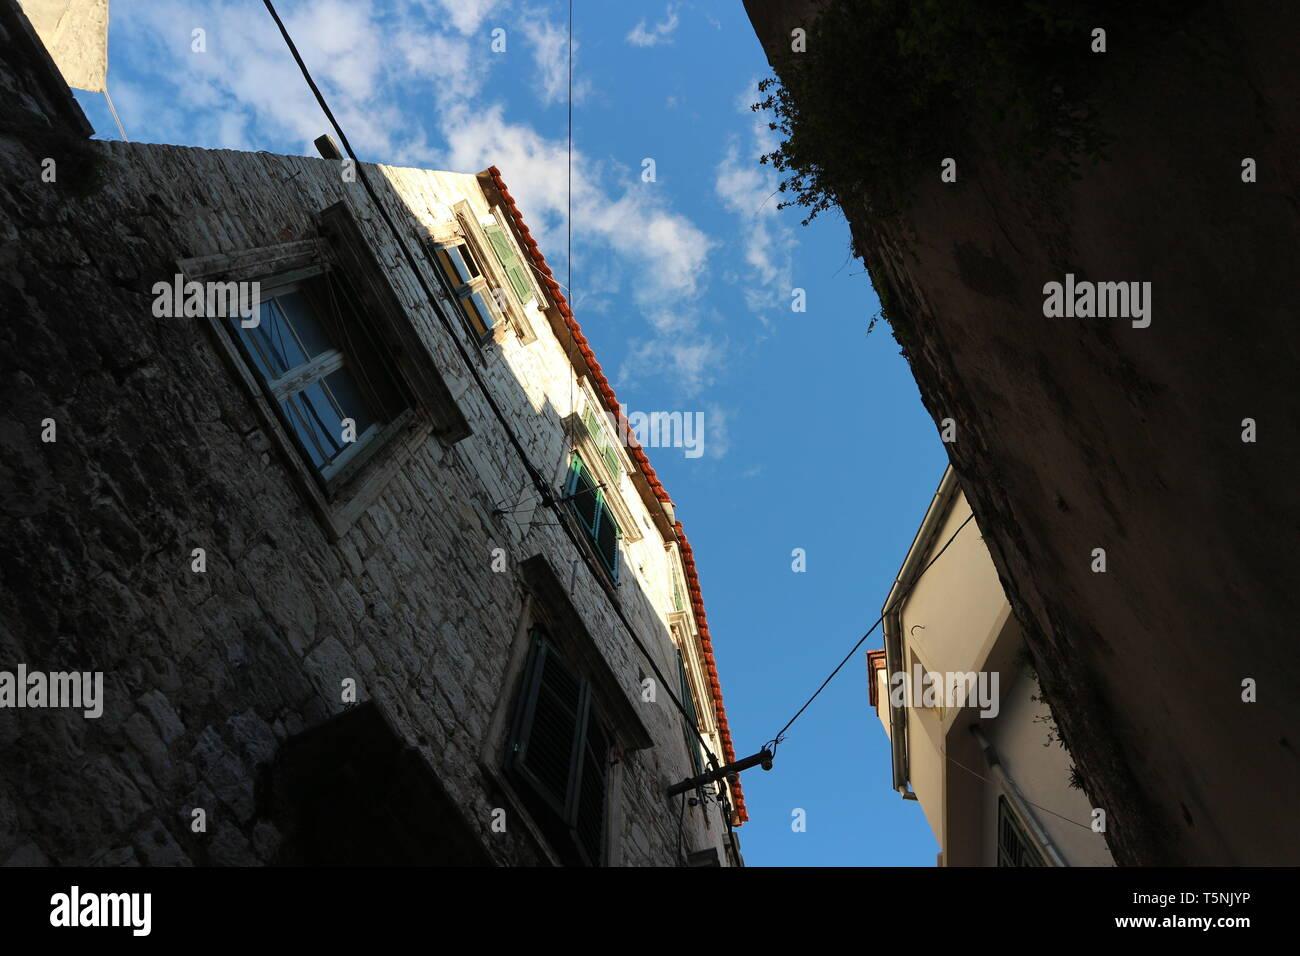 Fassaden in einem südlichen europäischen Stil (Kroatisch). Sie sind in einem niedrigen Winkel und in den Himmel fotografiert. Stockfoto